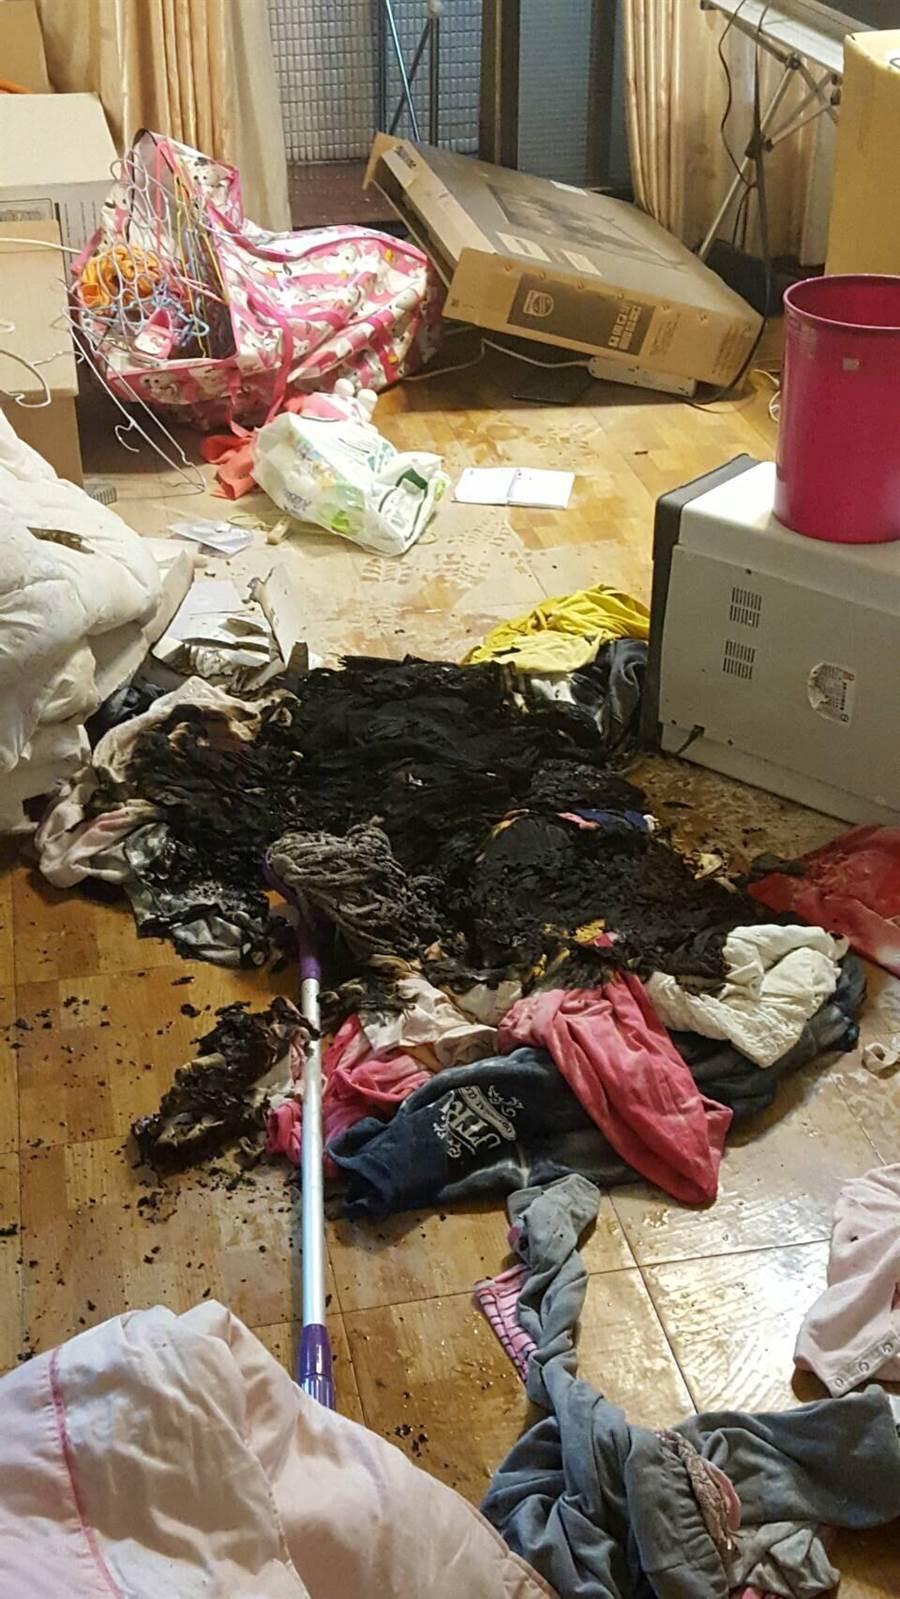 阮女將男友衣物、棉被點火燃燒,並視訊直播給男友看,所幸火勢0及時被撲滅未釀成災害。(林郁平翻攝)